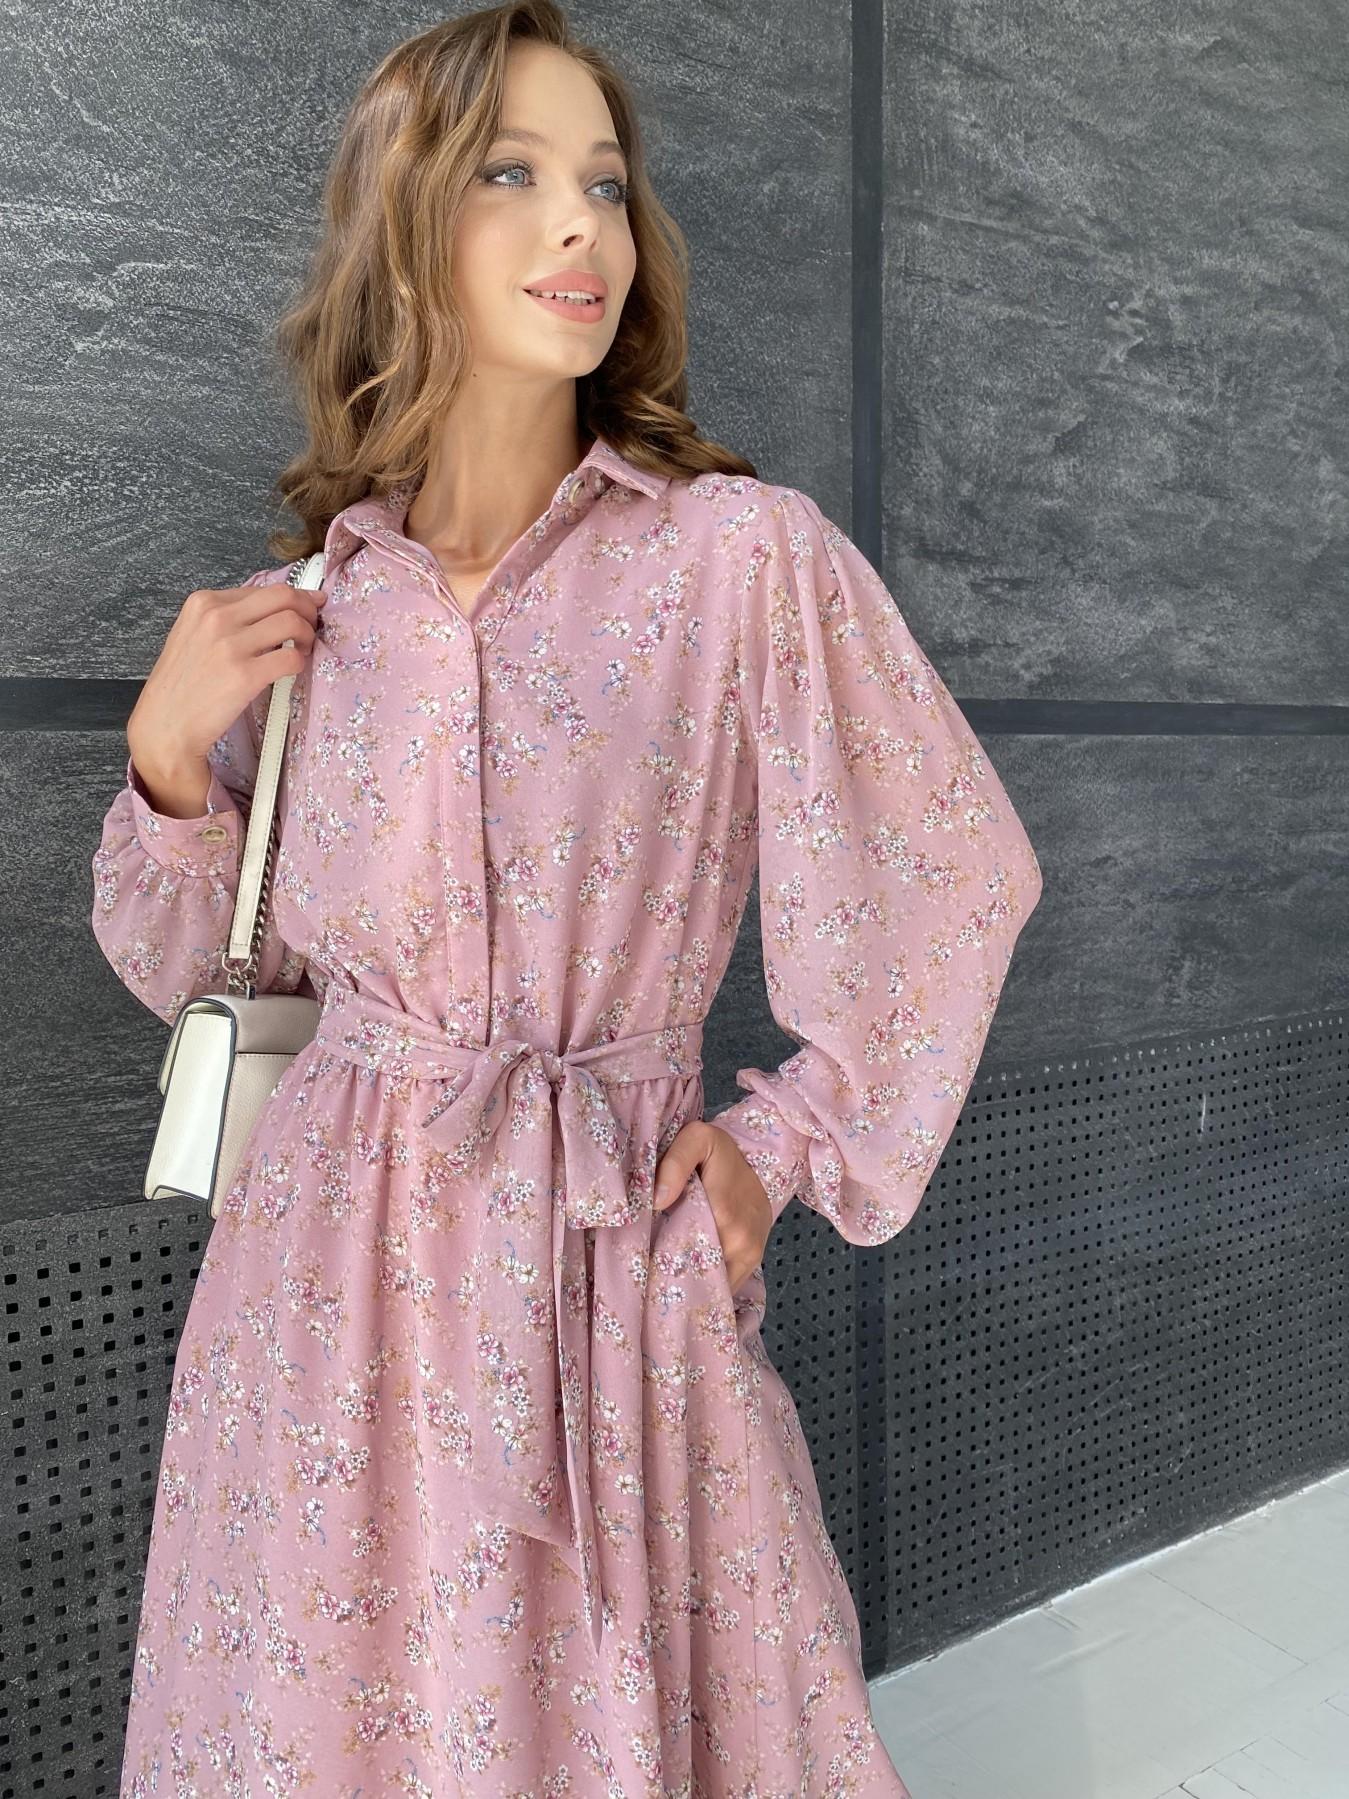 Жасмин платье из  шифона микро принт с длинным рукавом не стрейч 11685  АРТ. 48391 Цвет:  Пудра Т/Мол/Беж/ЦвНаВетке - фото 7, интернет магазин tm-modus.ru